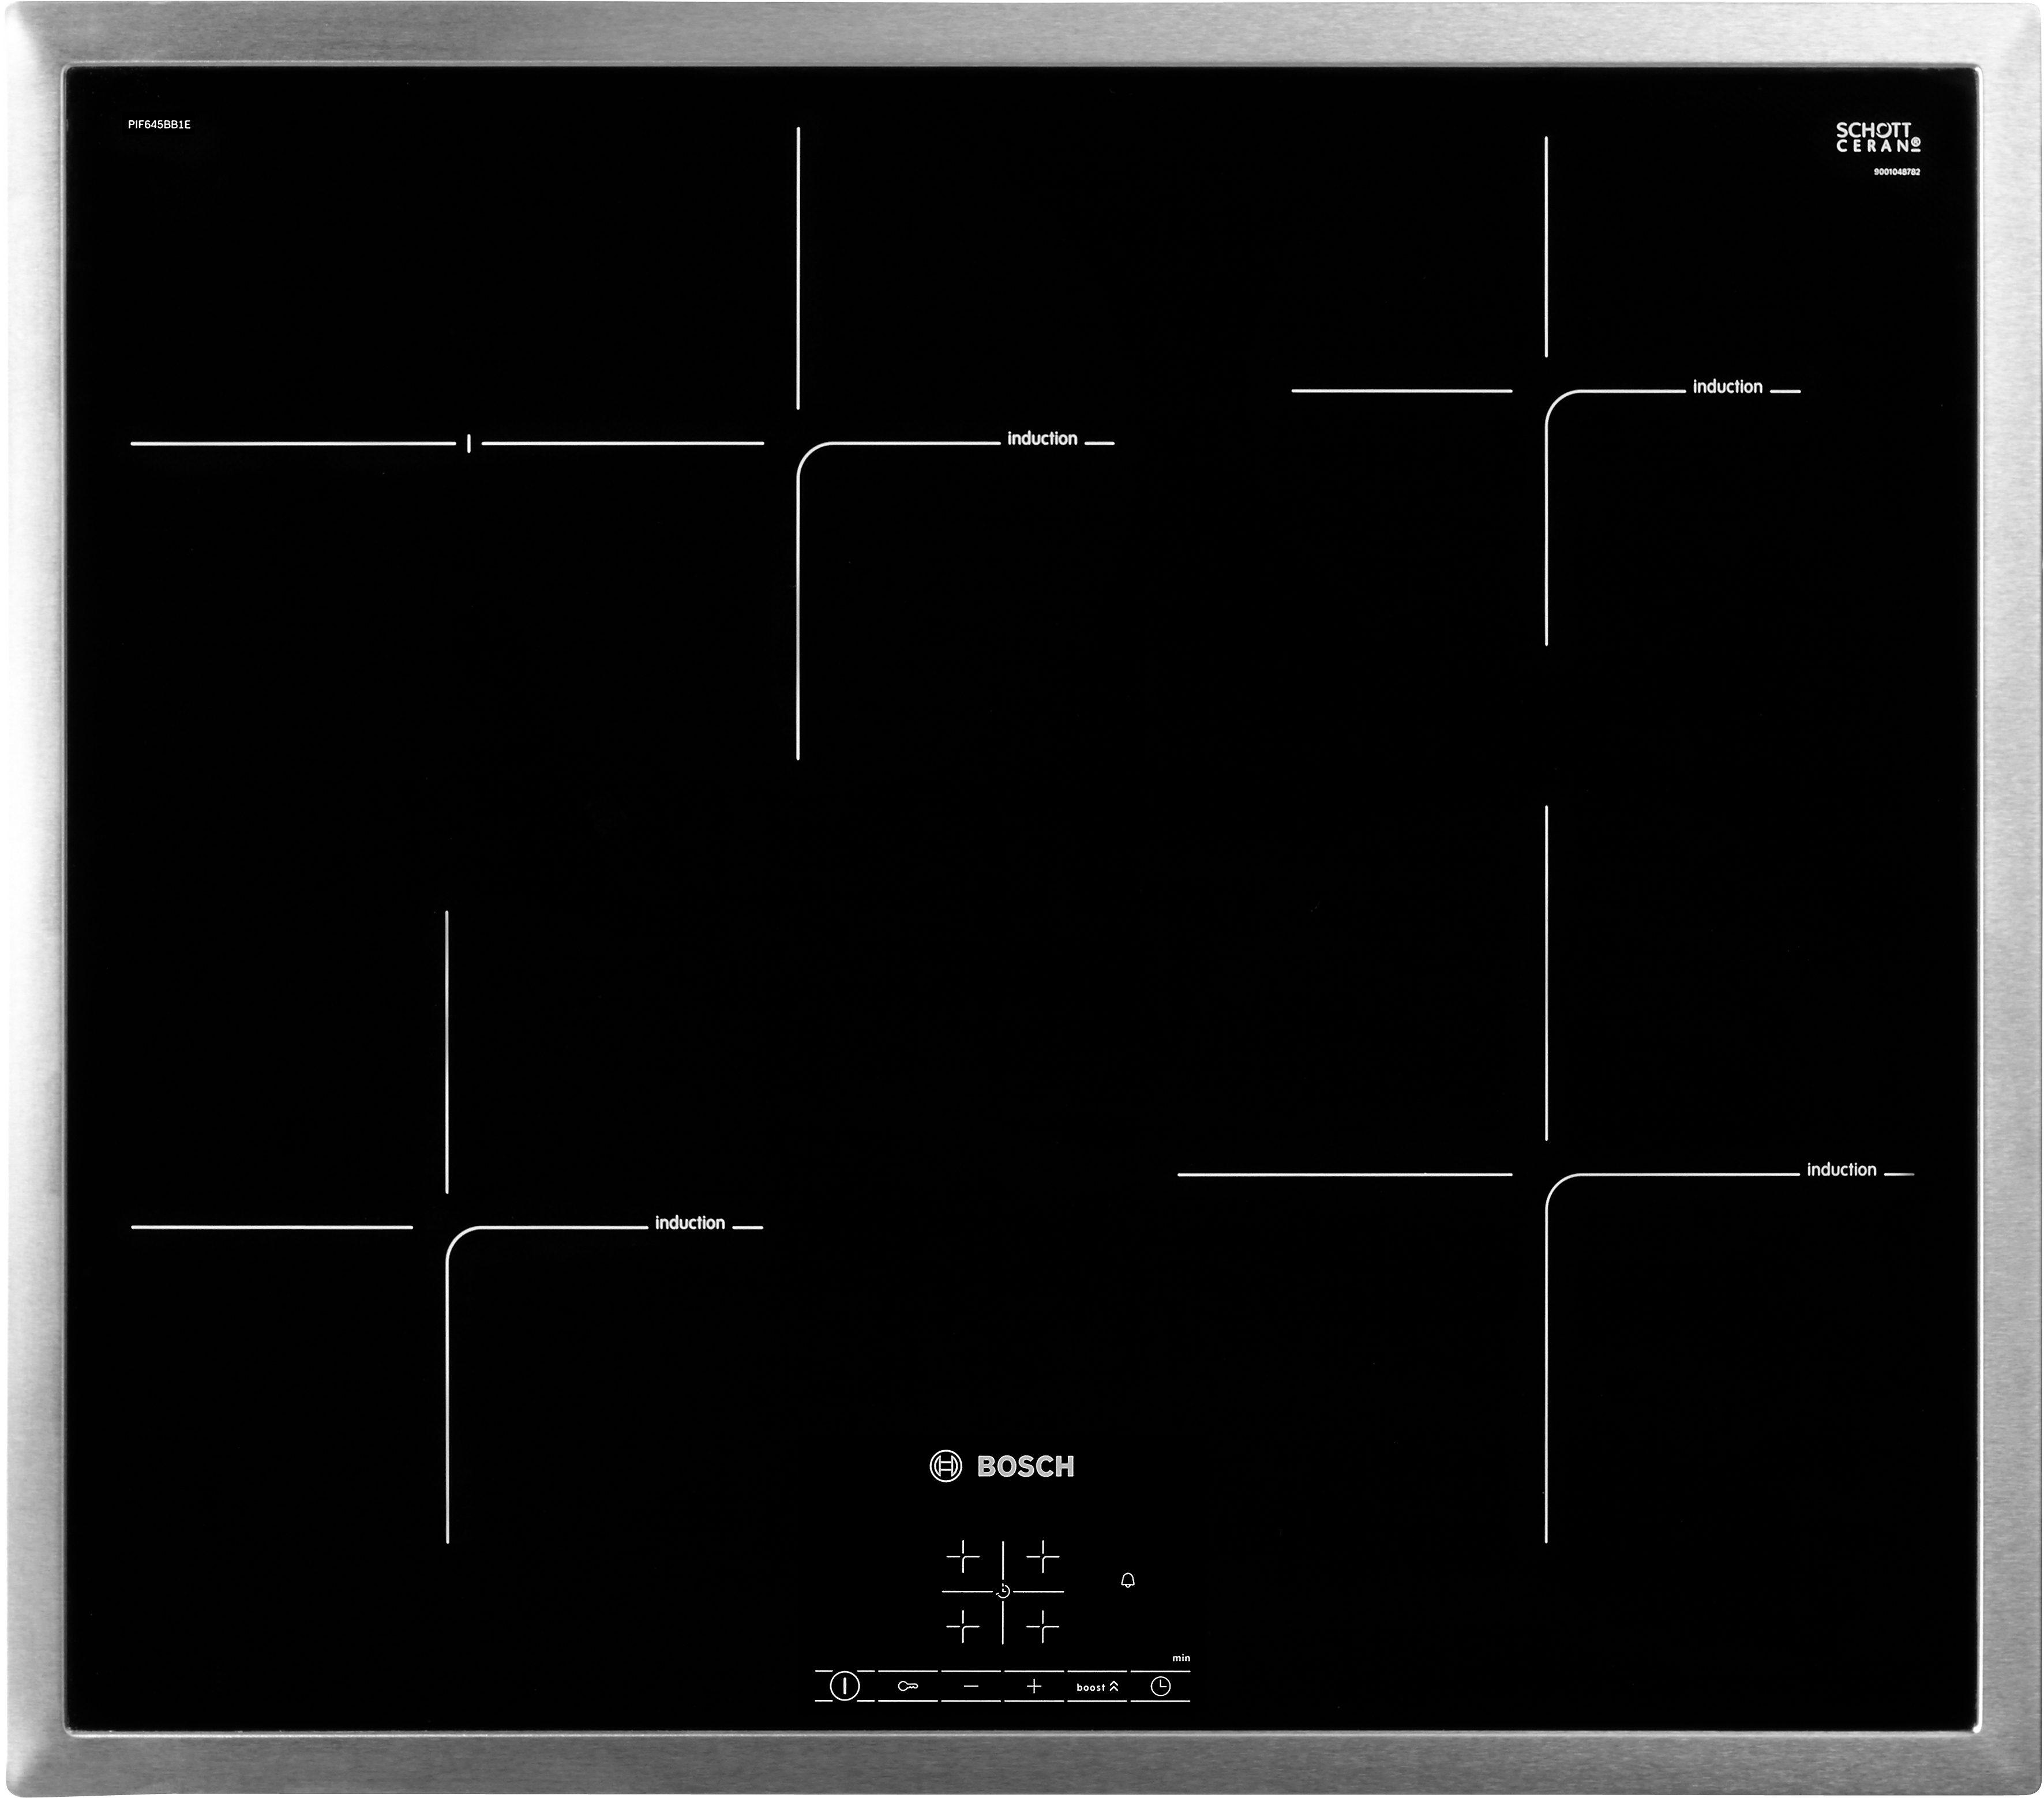 BOSCH Induktions-Kochfeld PIF645BB1E, mit Timer - BOSCH